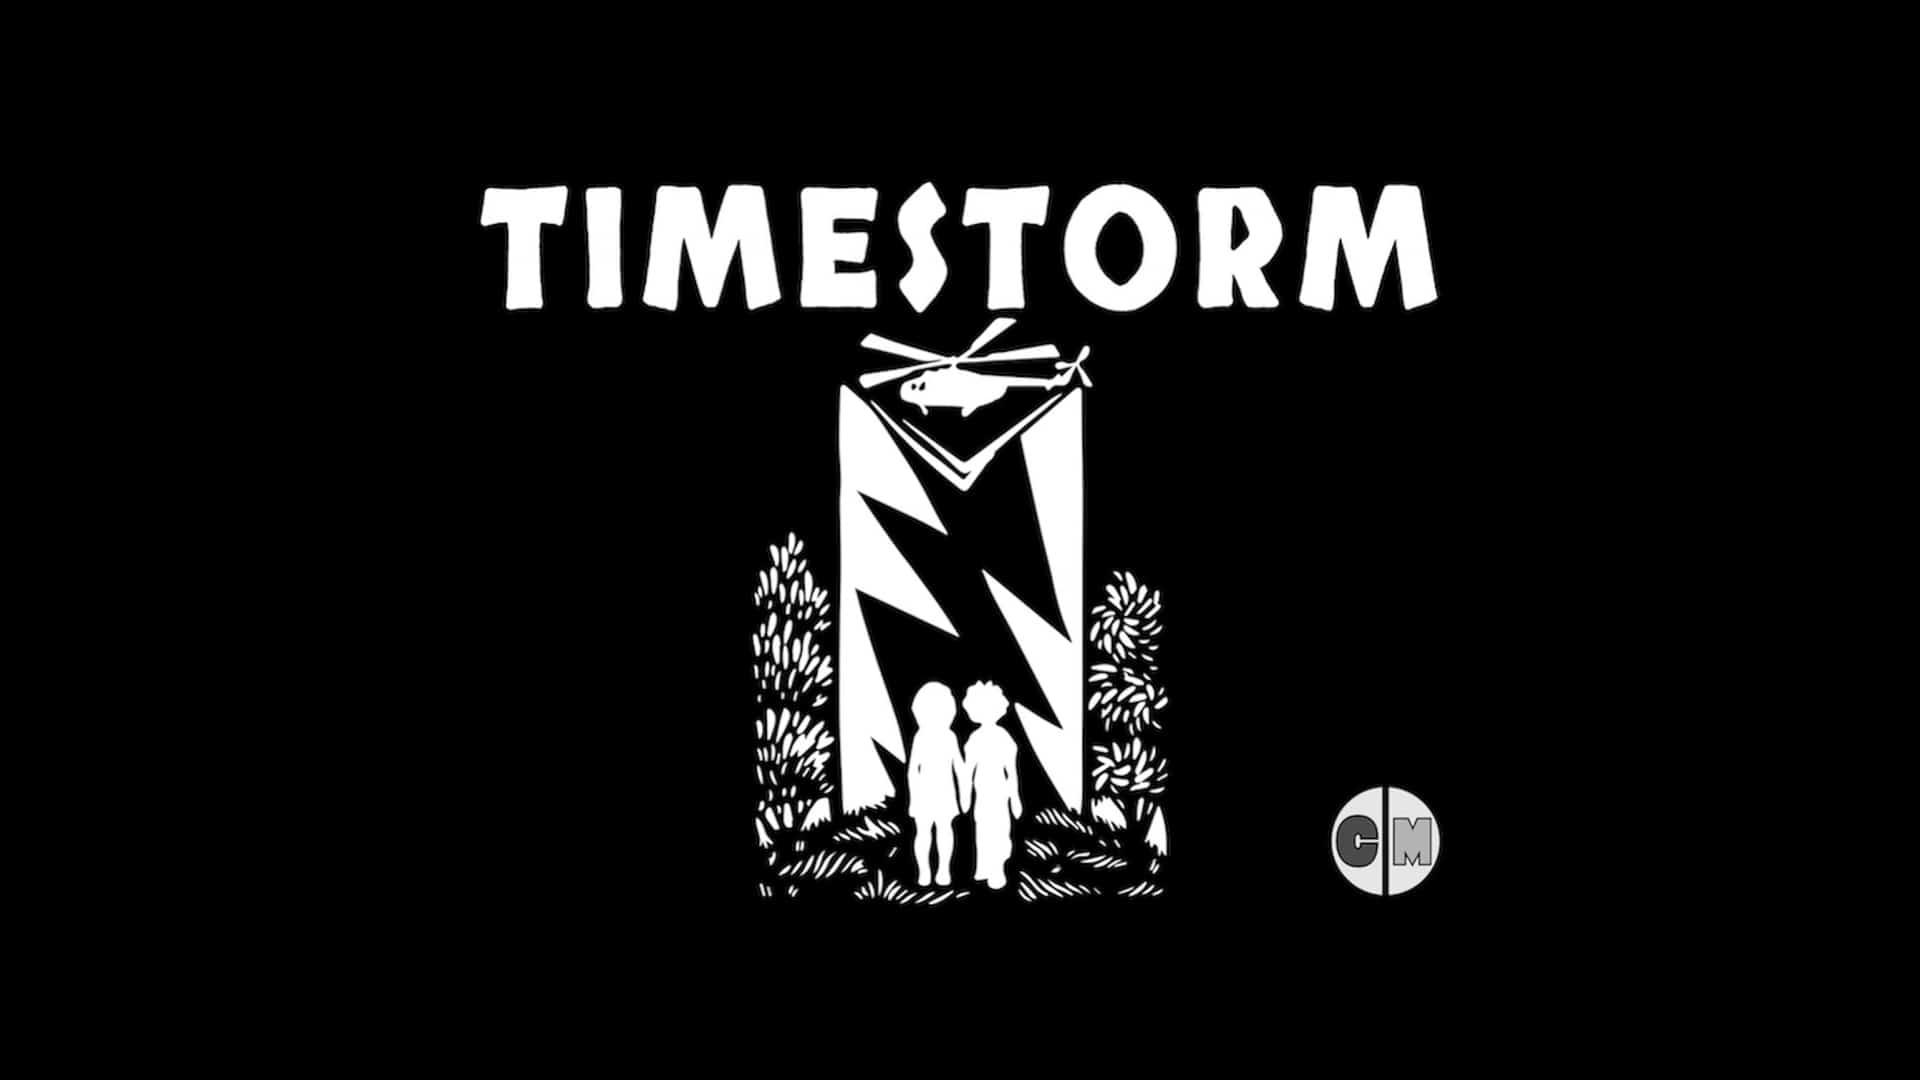 Timestorm Kids Story by Dania Ramos